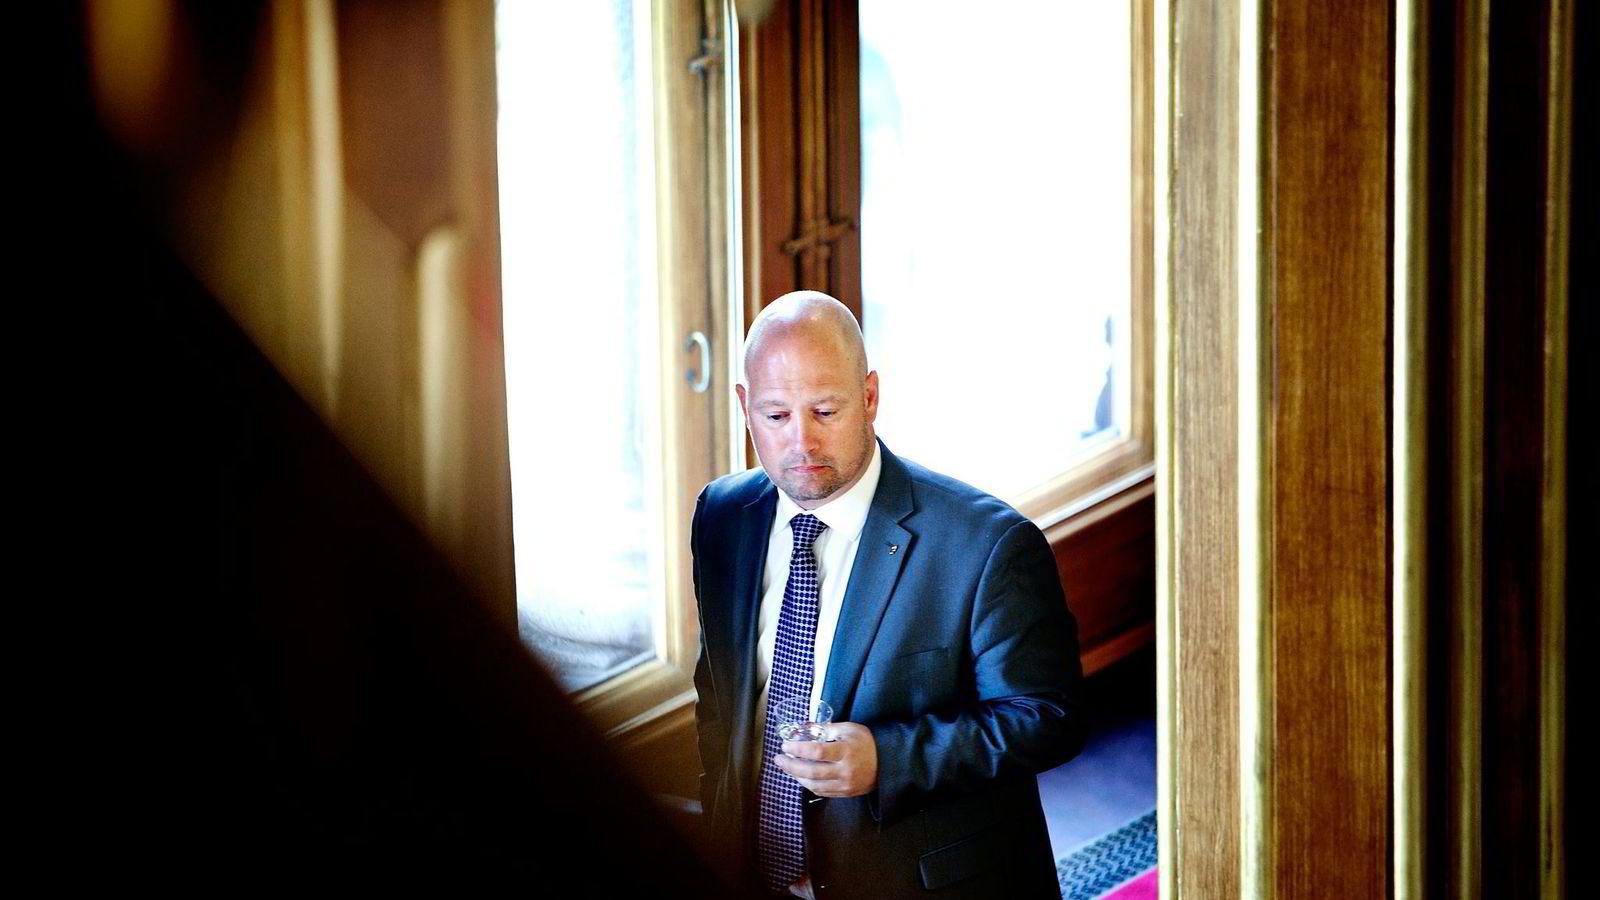 Et flertall på Stortinget vil tirsdag vedta sterk kritikk av justisminister Anders Anundsen for hans håndtering av asylbarn-saken. Foto: Ida von Hanno Bast